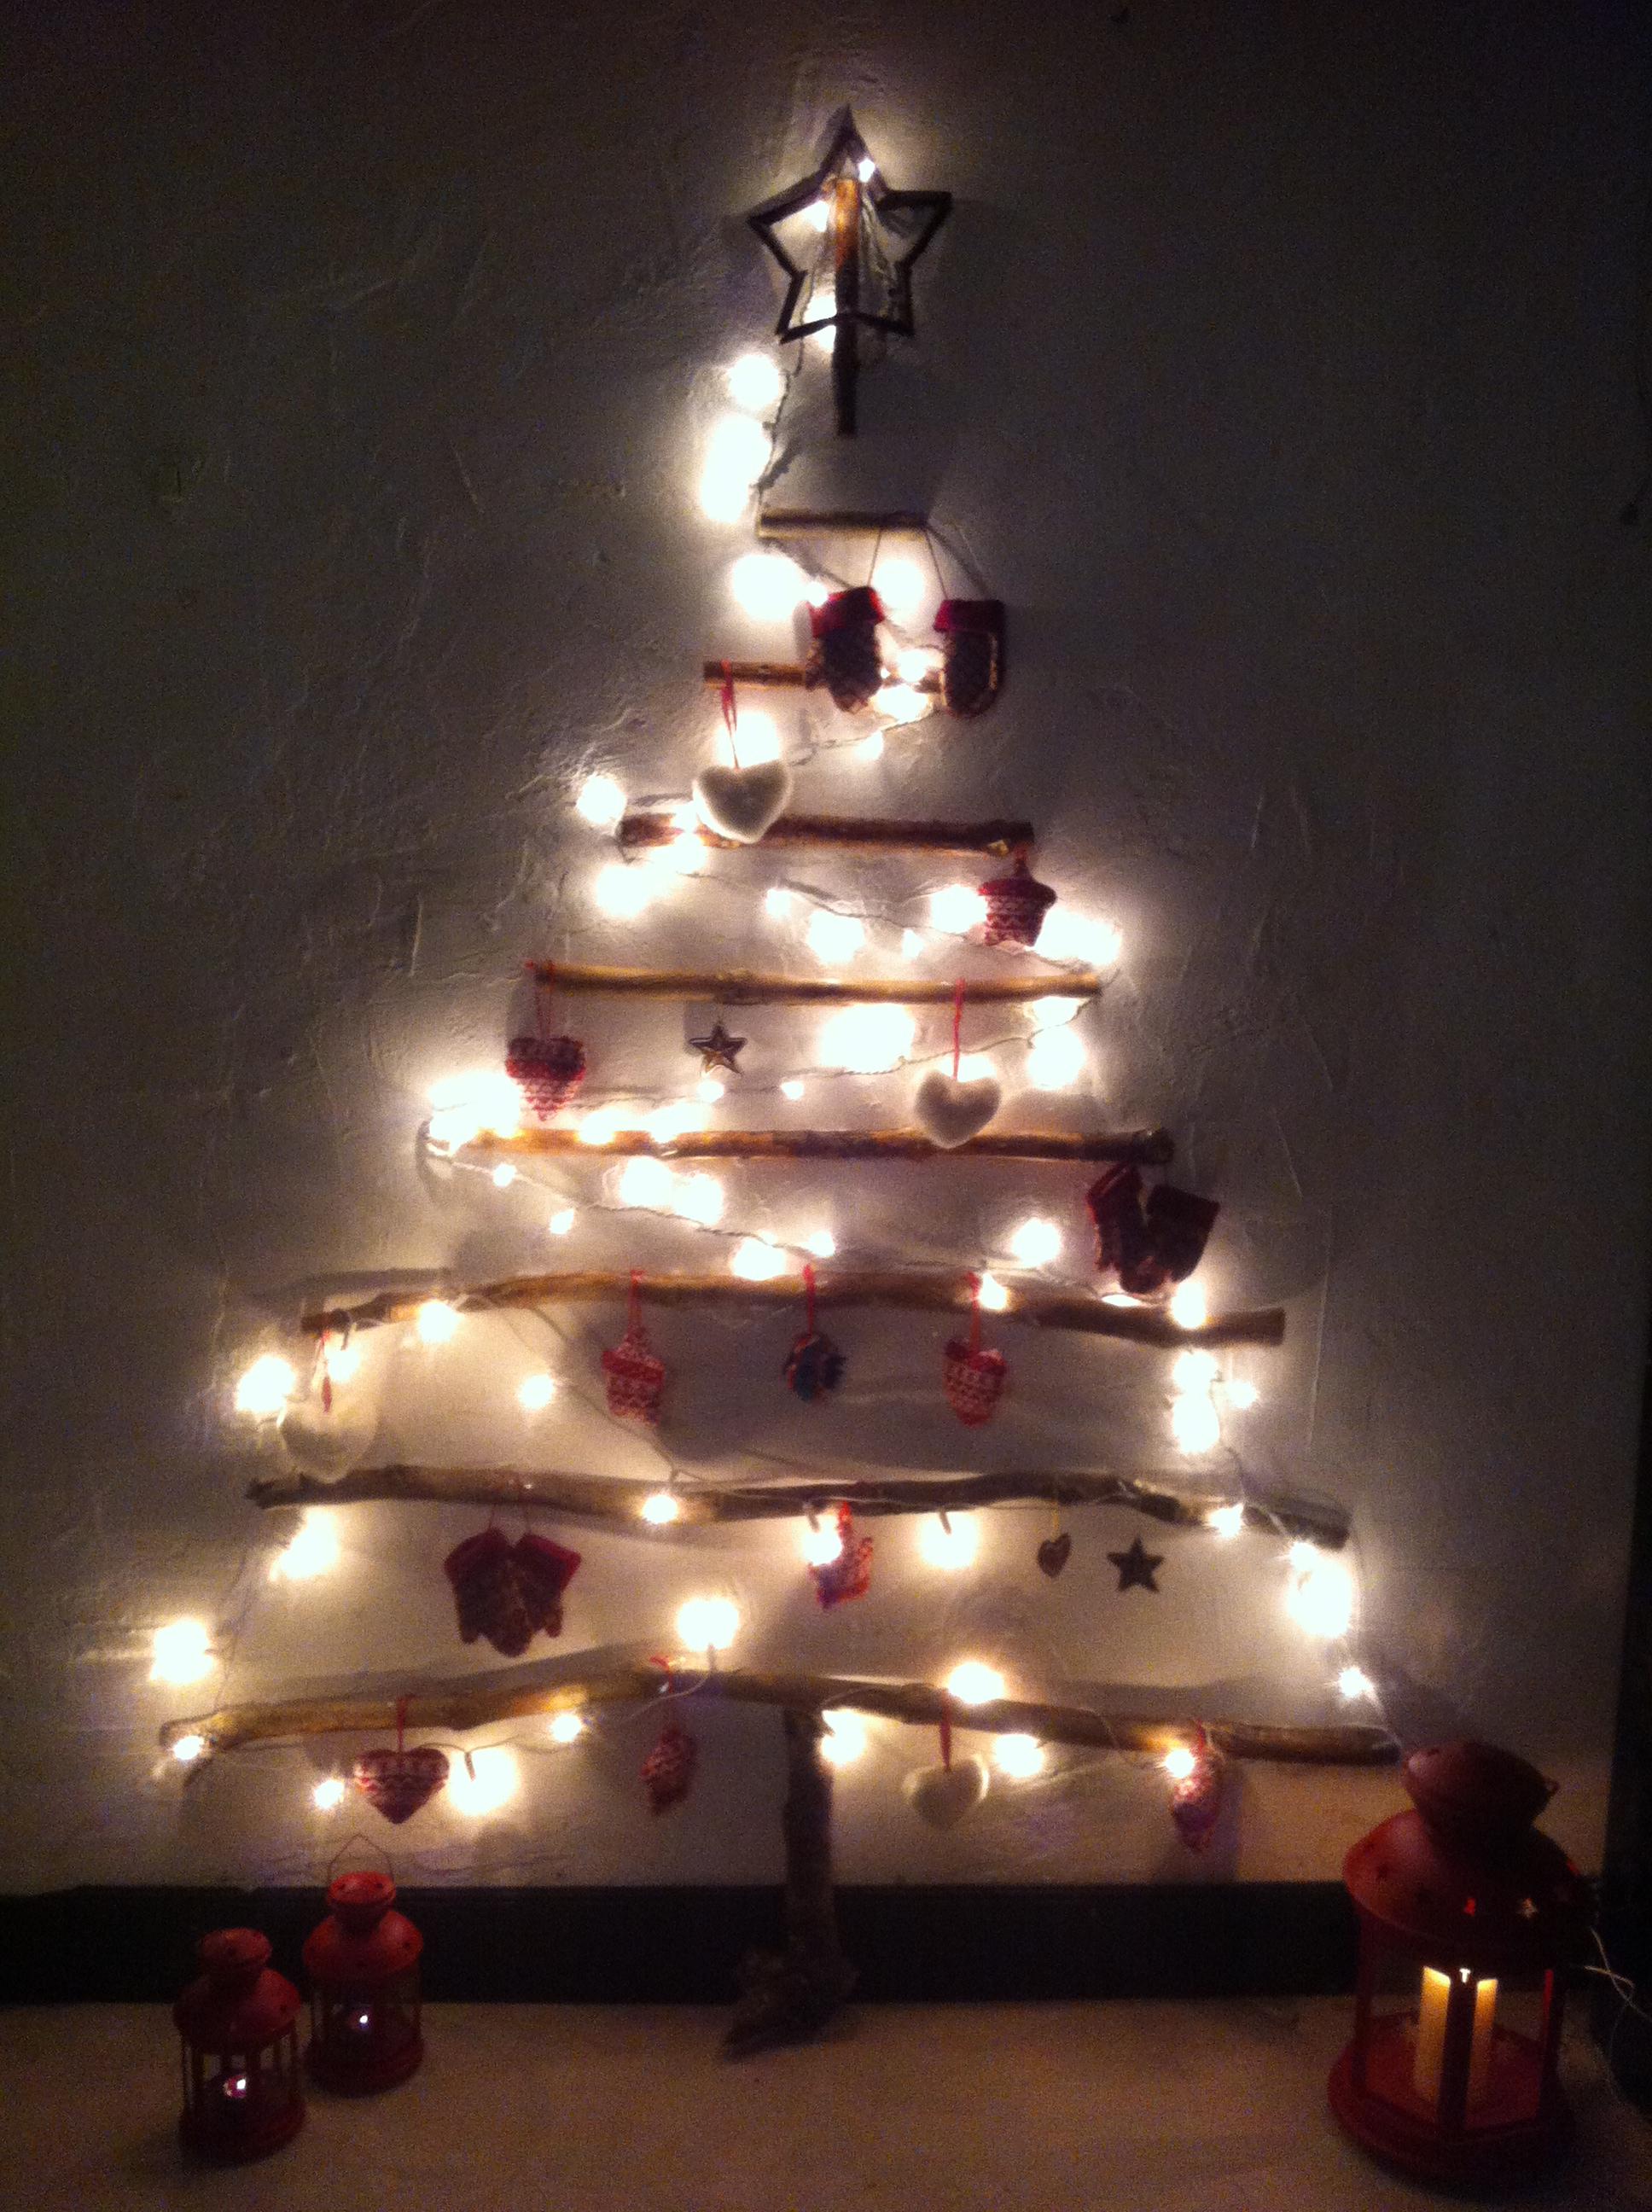 Oui Oui-arbol navidad ramas-troncos-DIY-arbol navidad diferente (1)